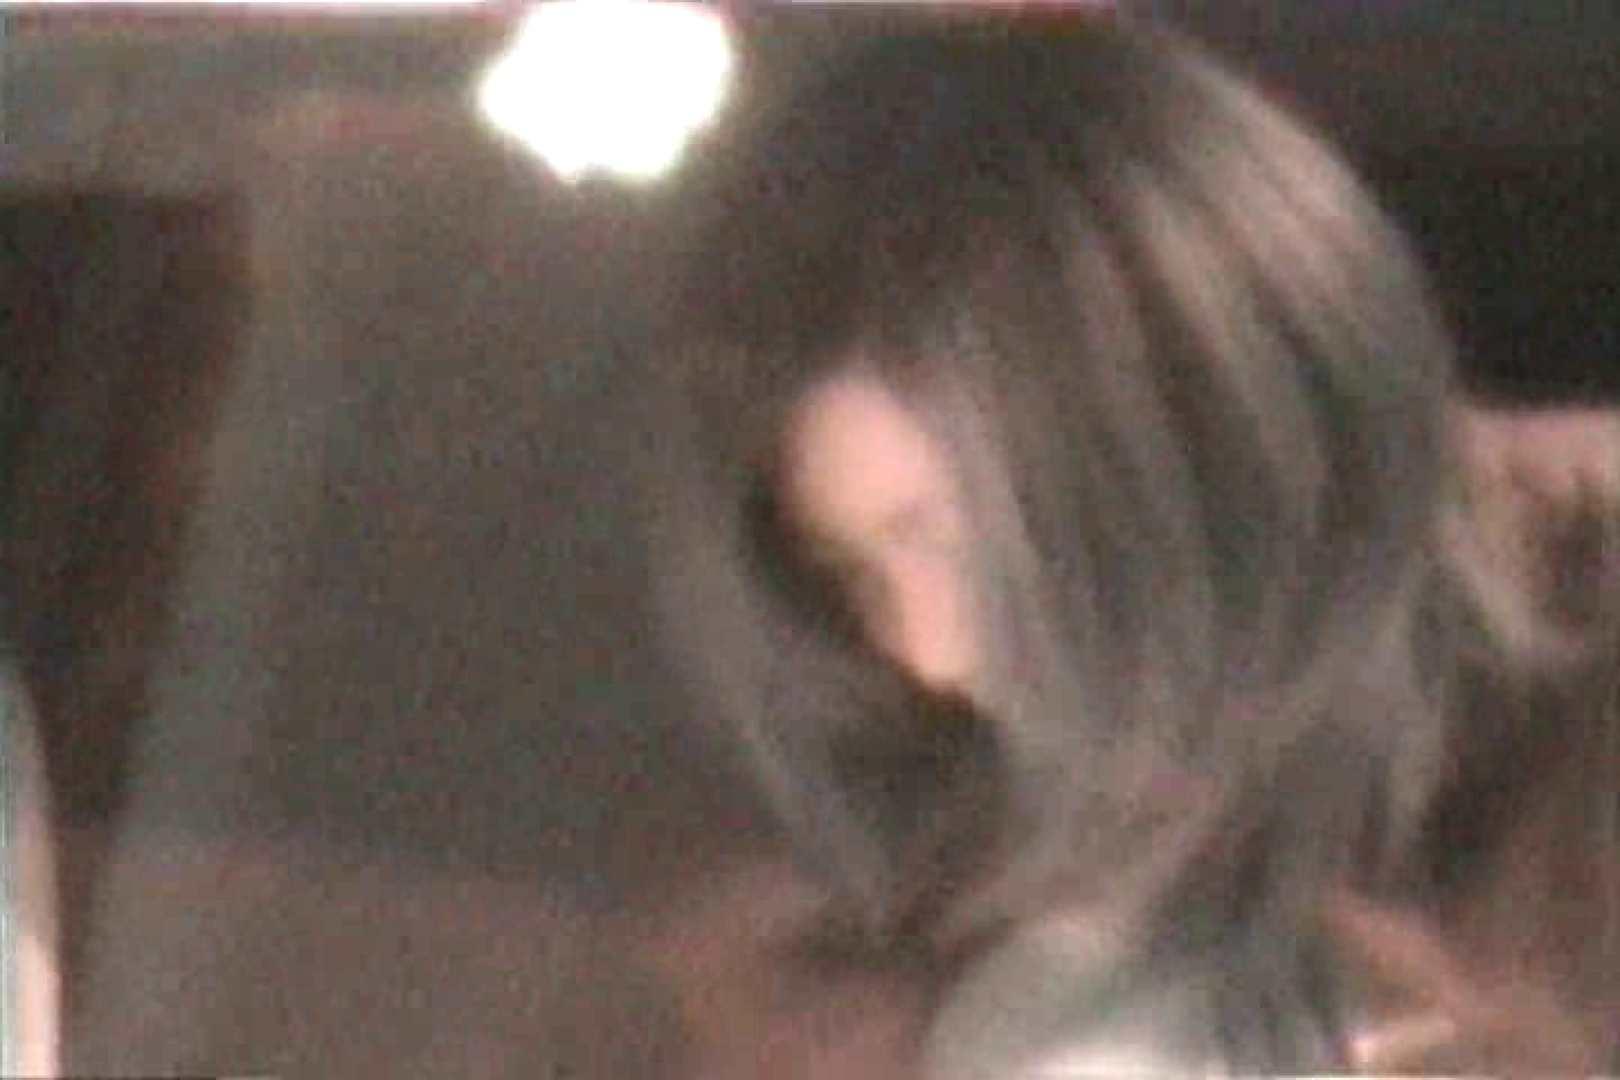 車の中はラブホテル 無修正版  Vol.27 マンコ無修正 盗み撮りオマンコ動画キャプチャ 91画像 27